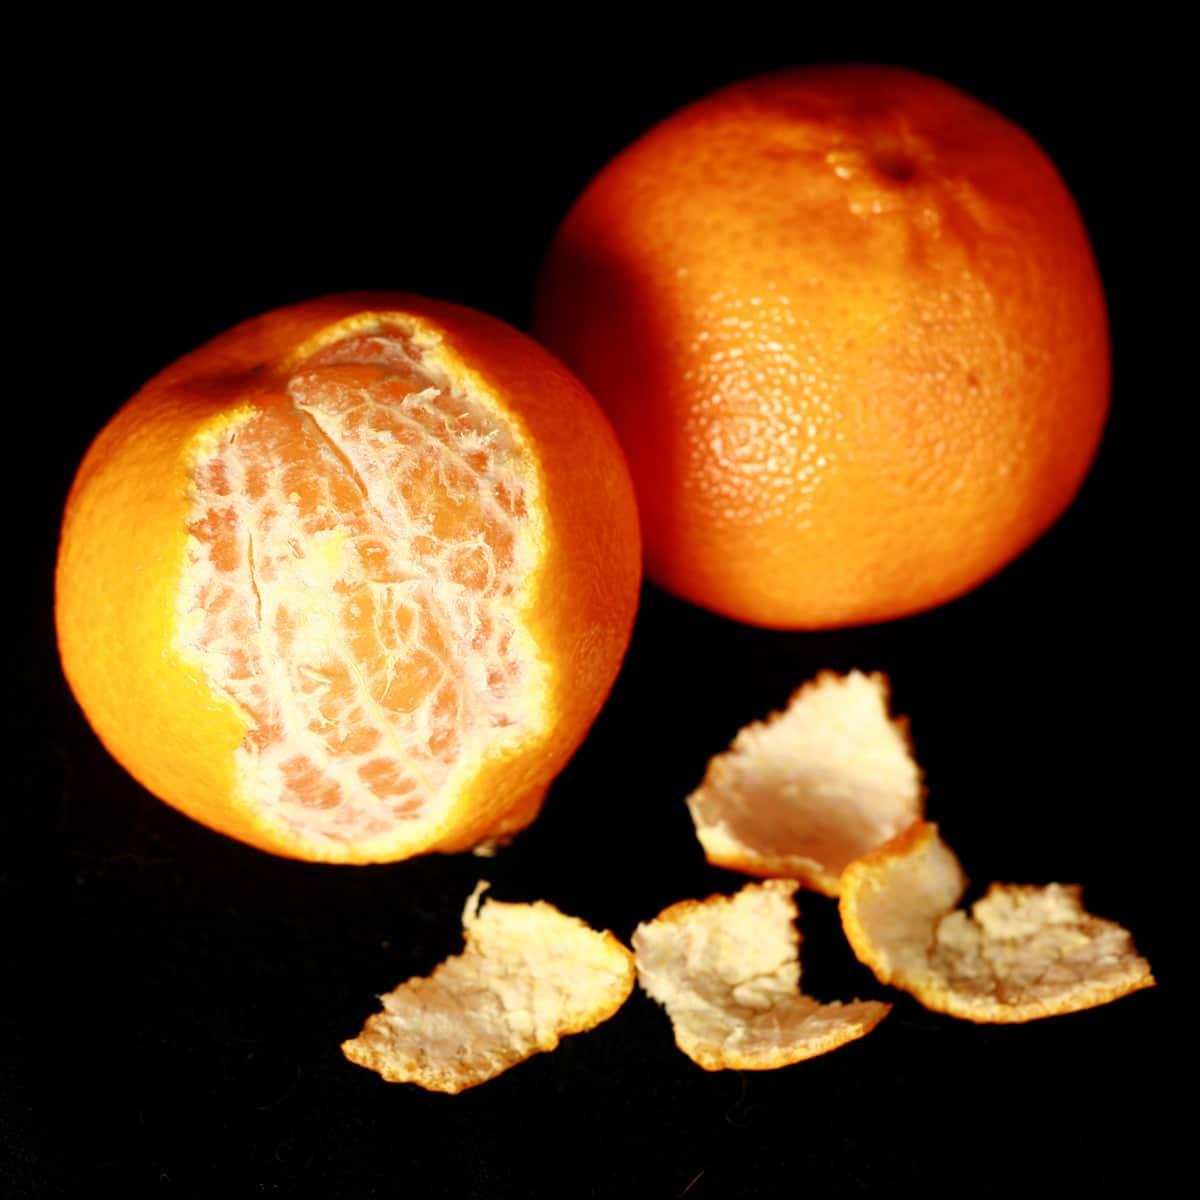 2 Halo Mandarin oranges, one peeled.